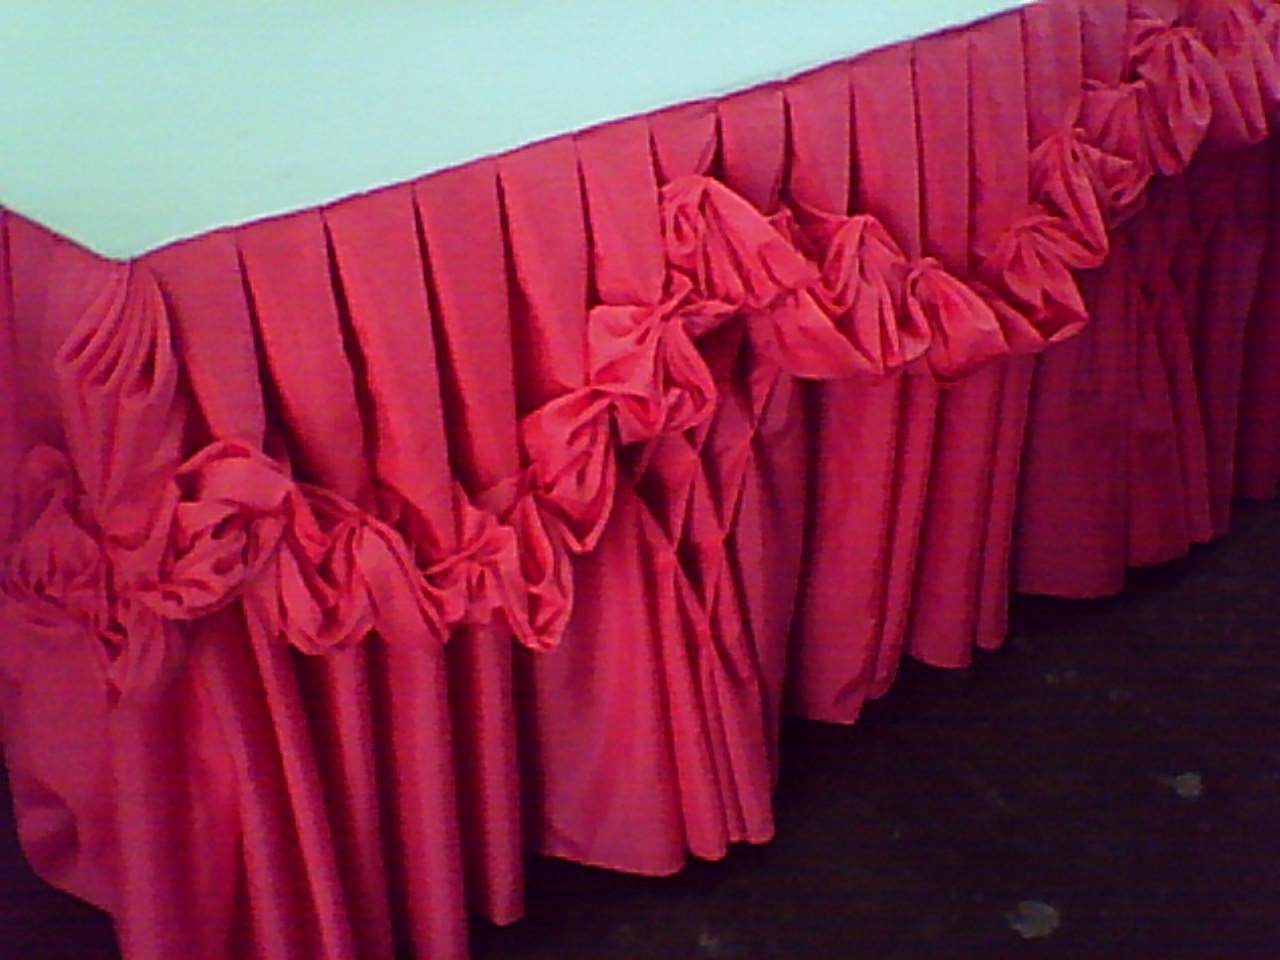 Table skirt design